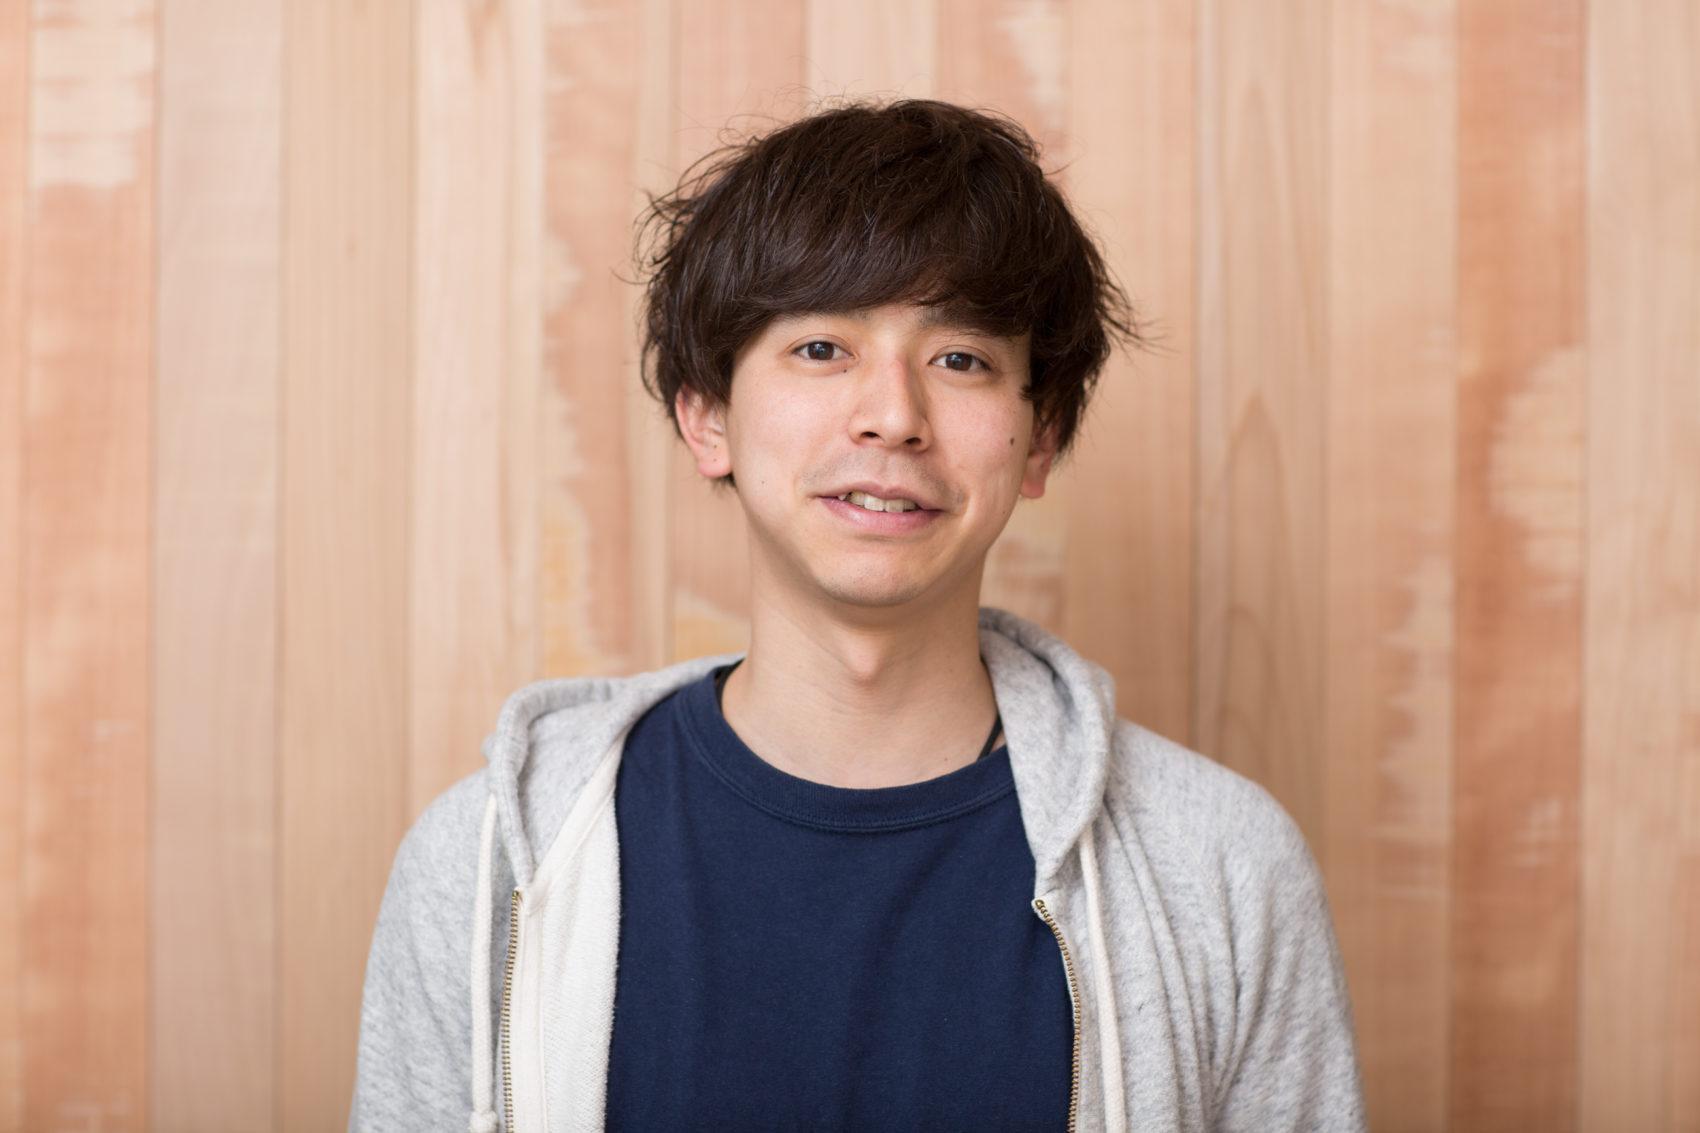 塩谷 航平 / Kohei Shiotani